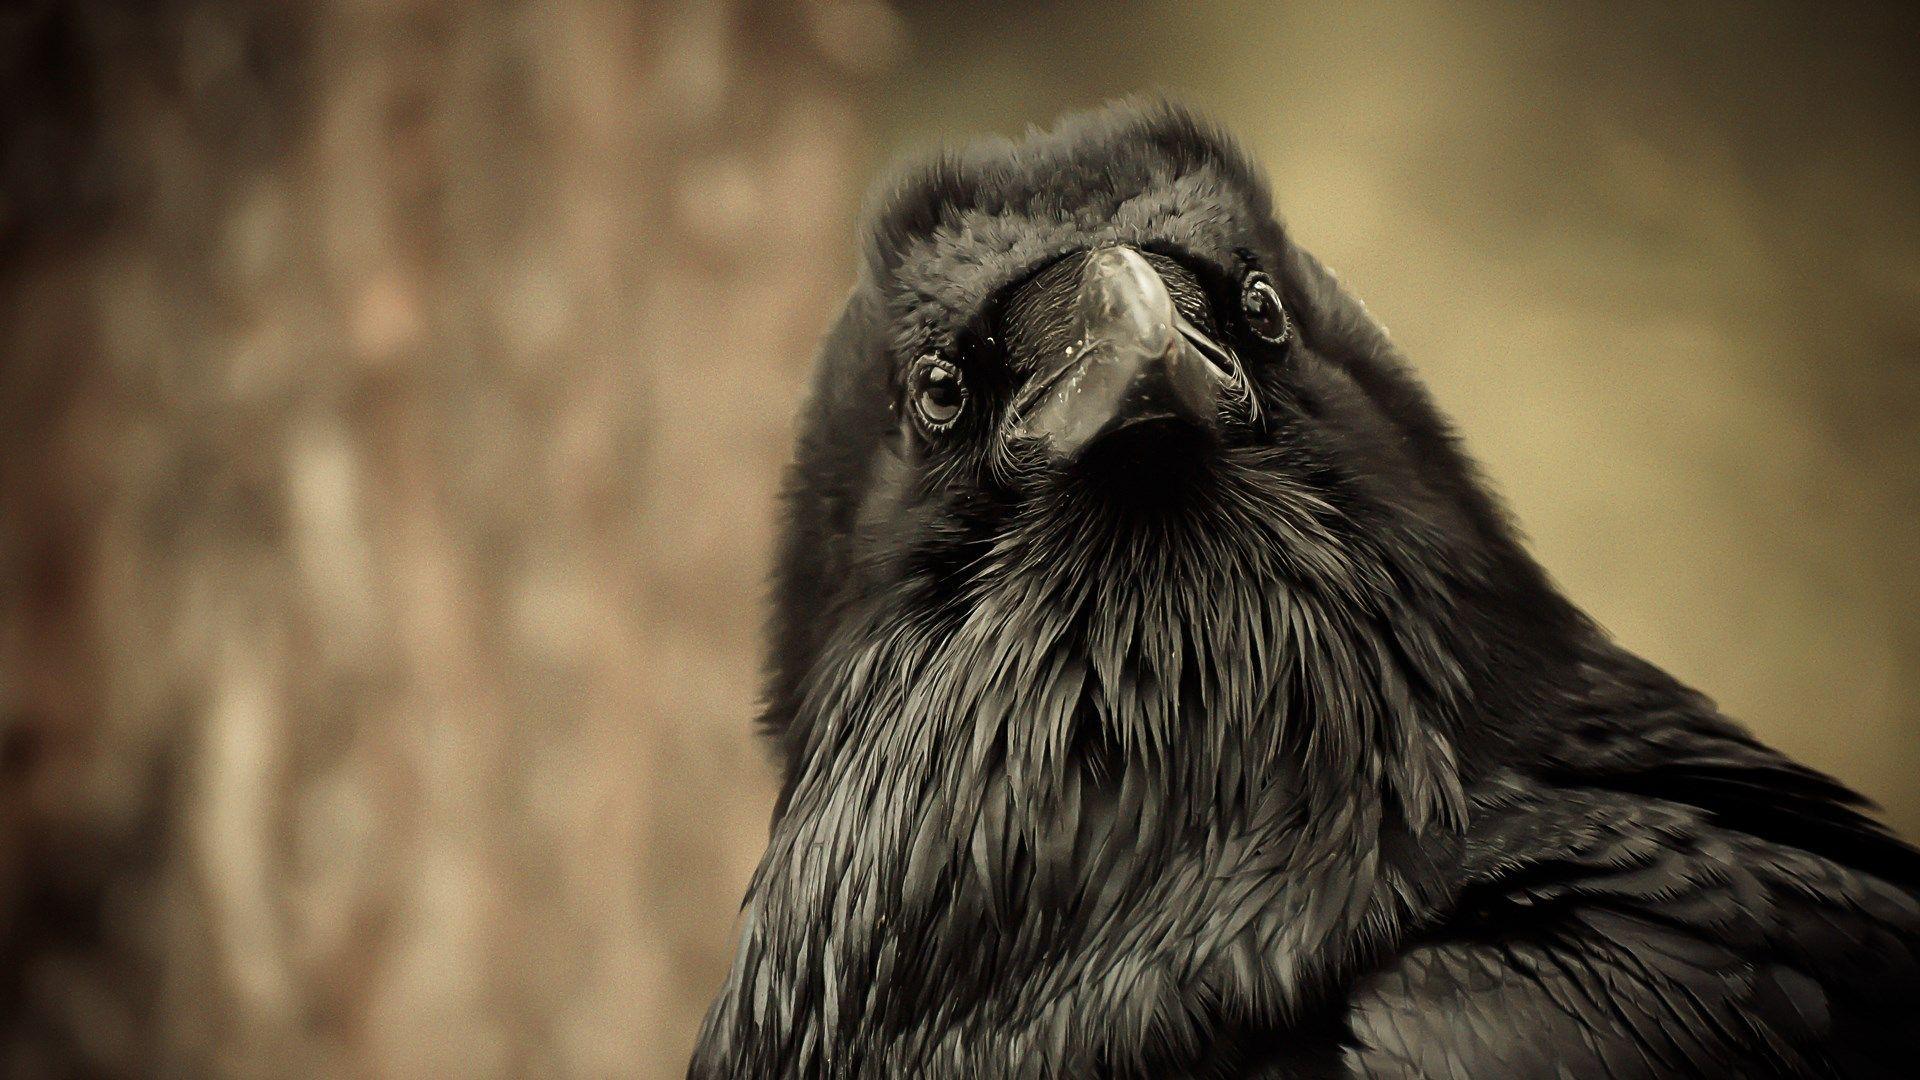 Вороны оказались способны «заражаться» чужими эмоциями